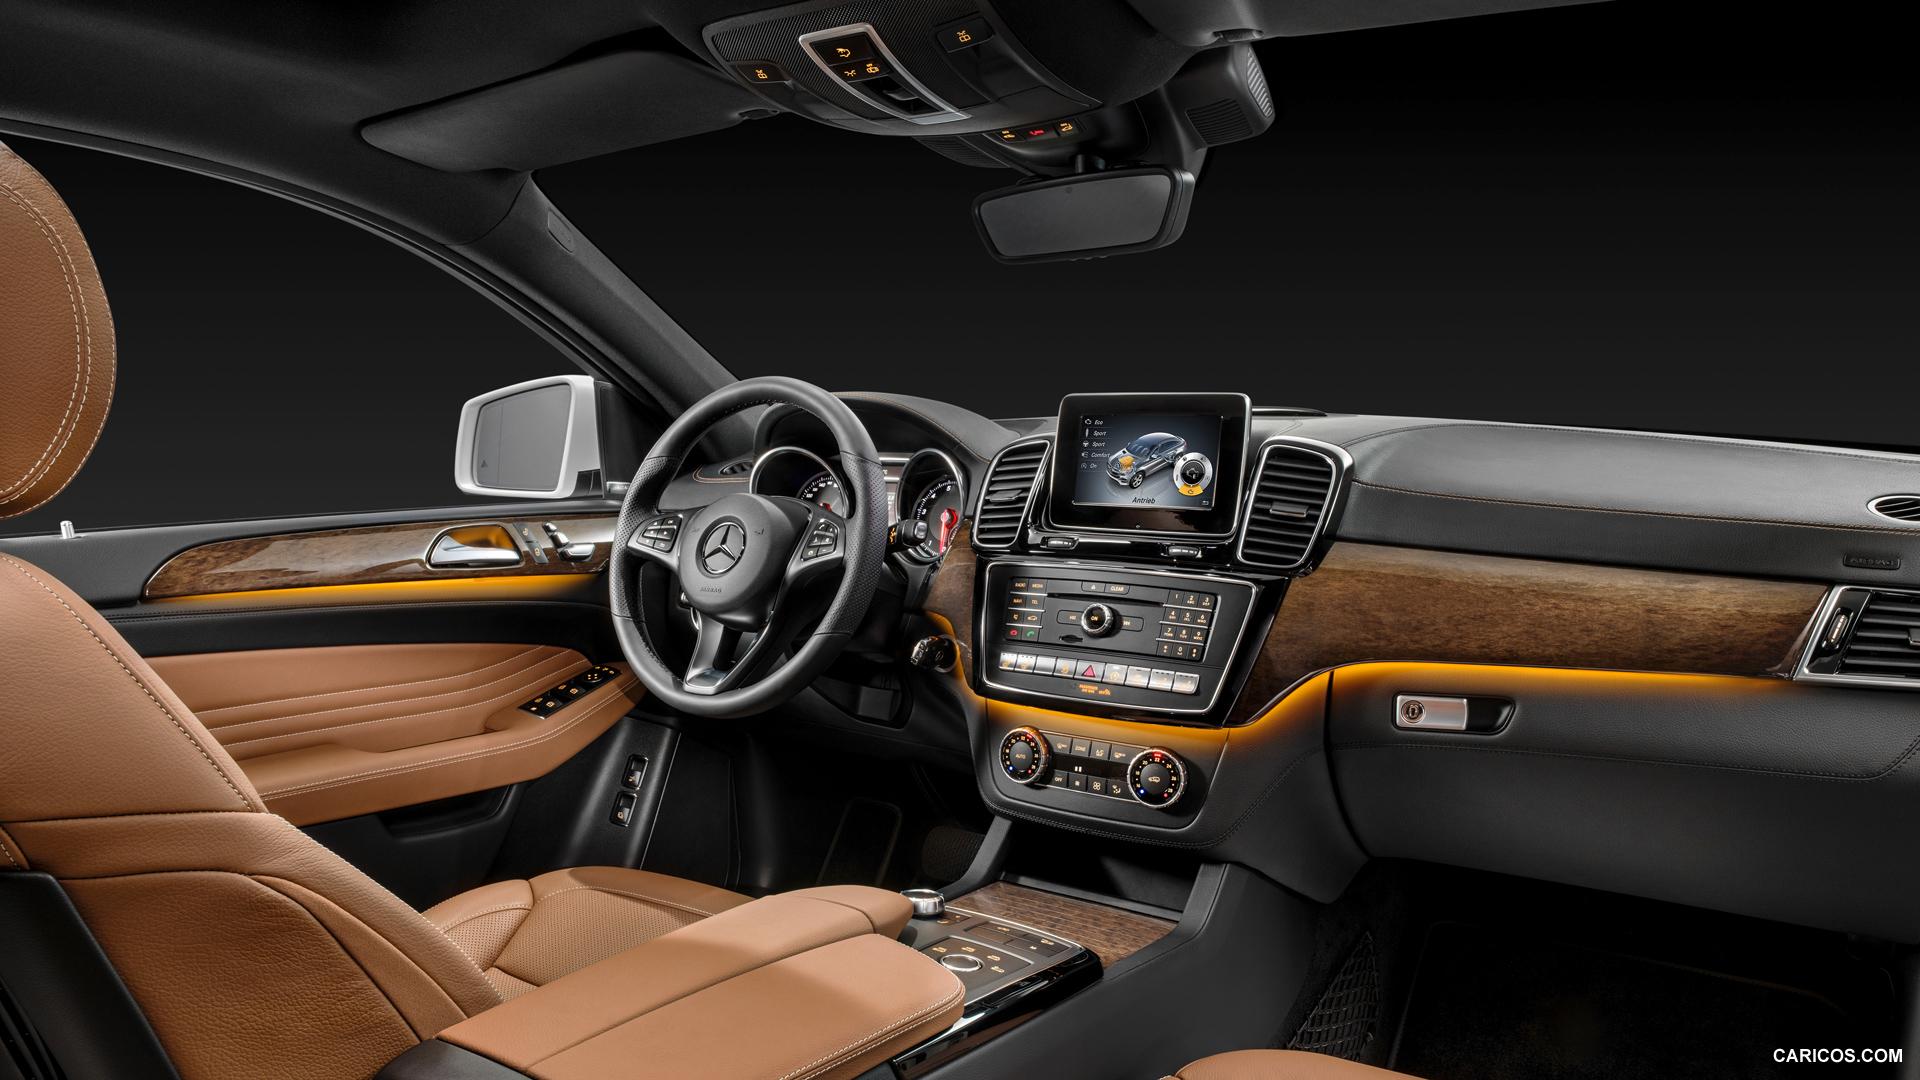 2016 gle coupe mercedes detroit auto show 2015 39 te. Black Bedroom Furniture Sets. Home Design Ideas